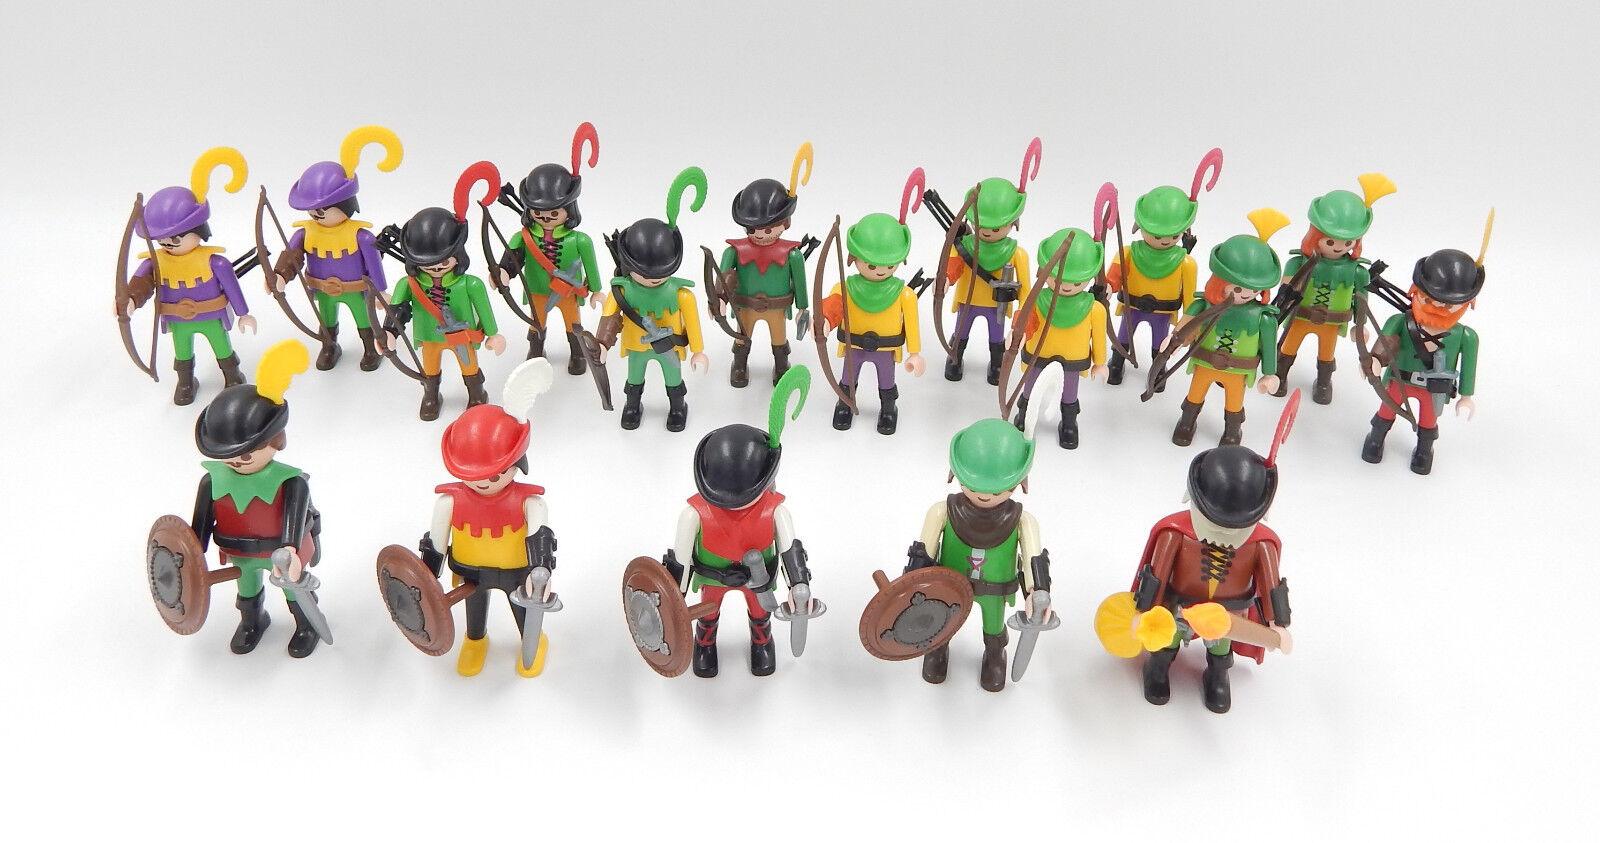 centro commerciale online integrato professionale PLAYMOBIL personaggi fanteria fanteria fanteria Lang arcieri arcieri ESERCITO SOLDATI Castello  qualità di prima classe